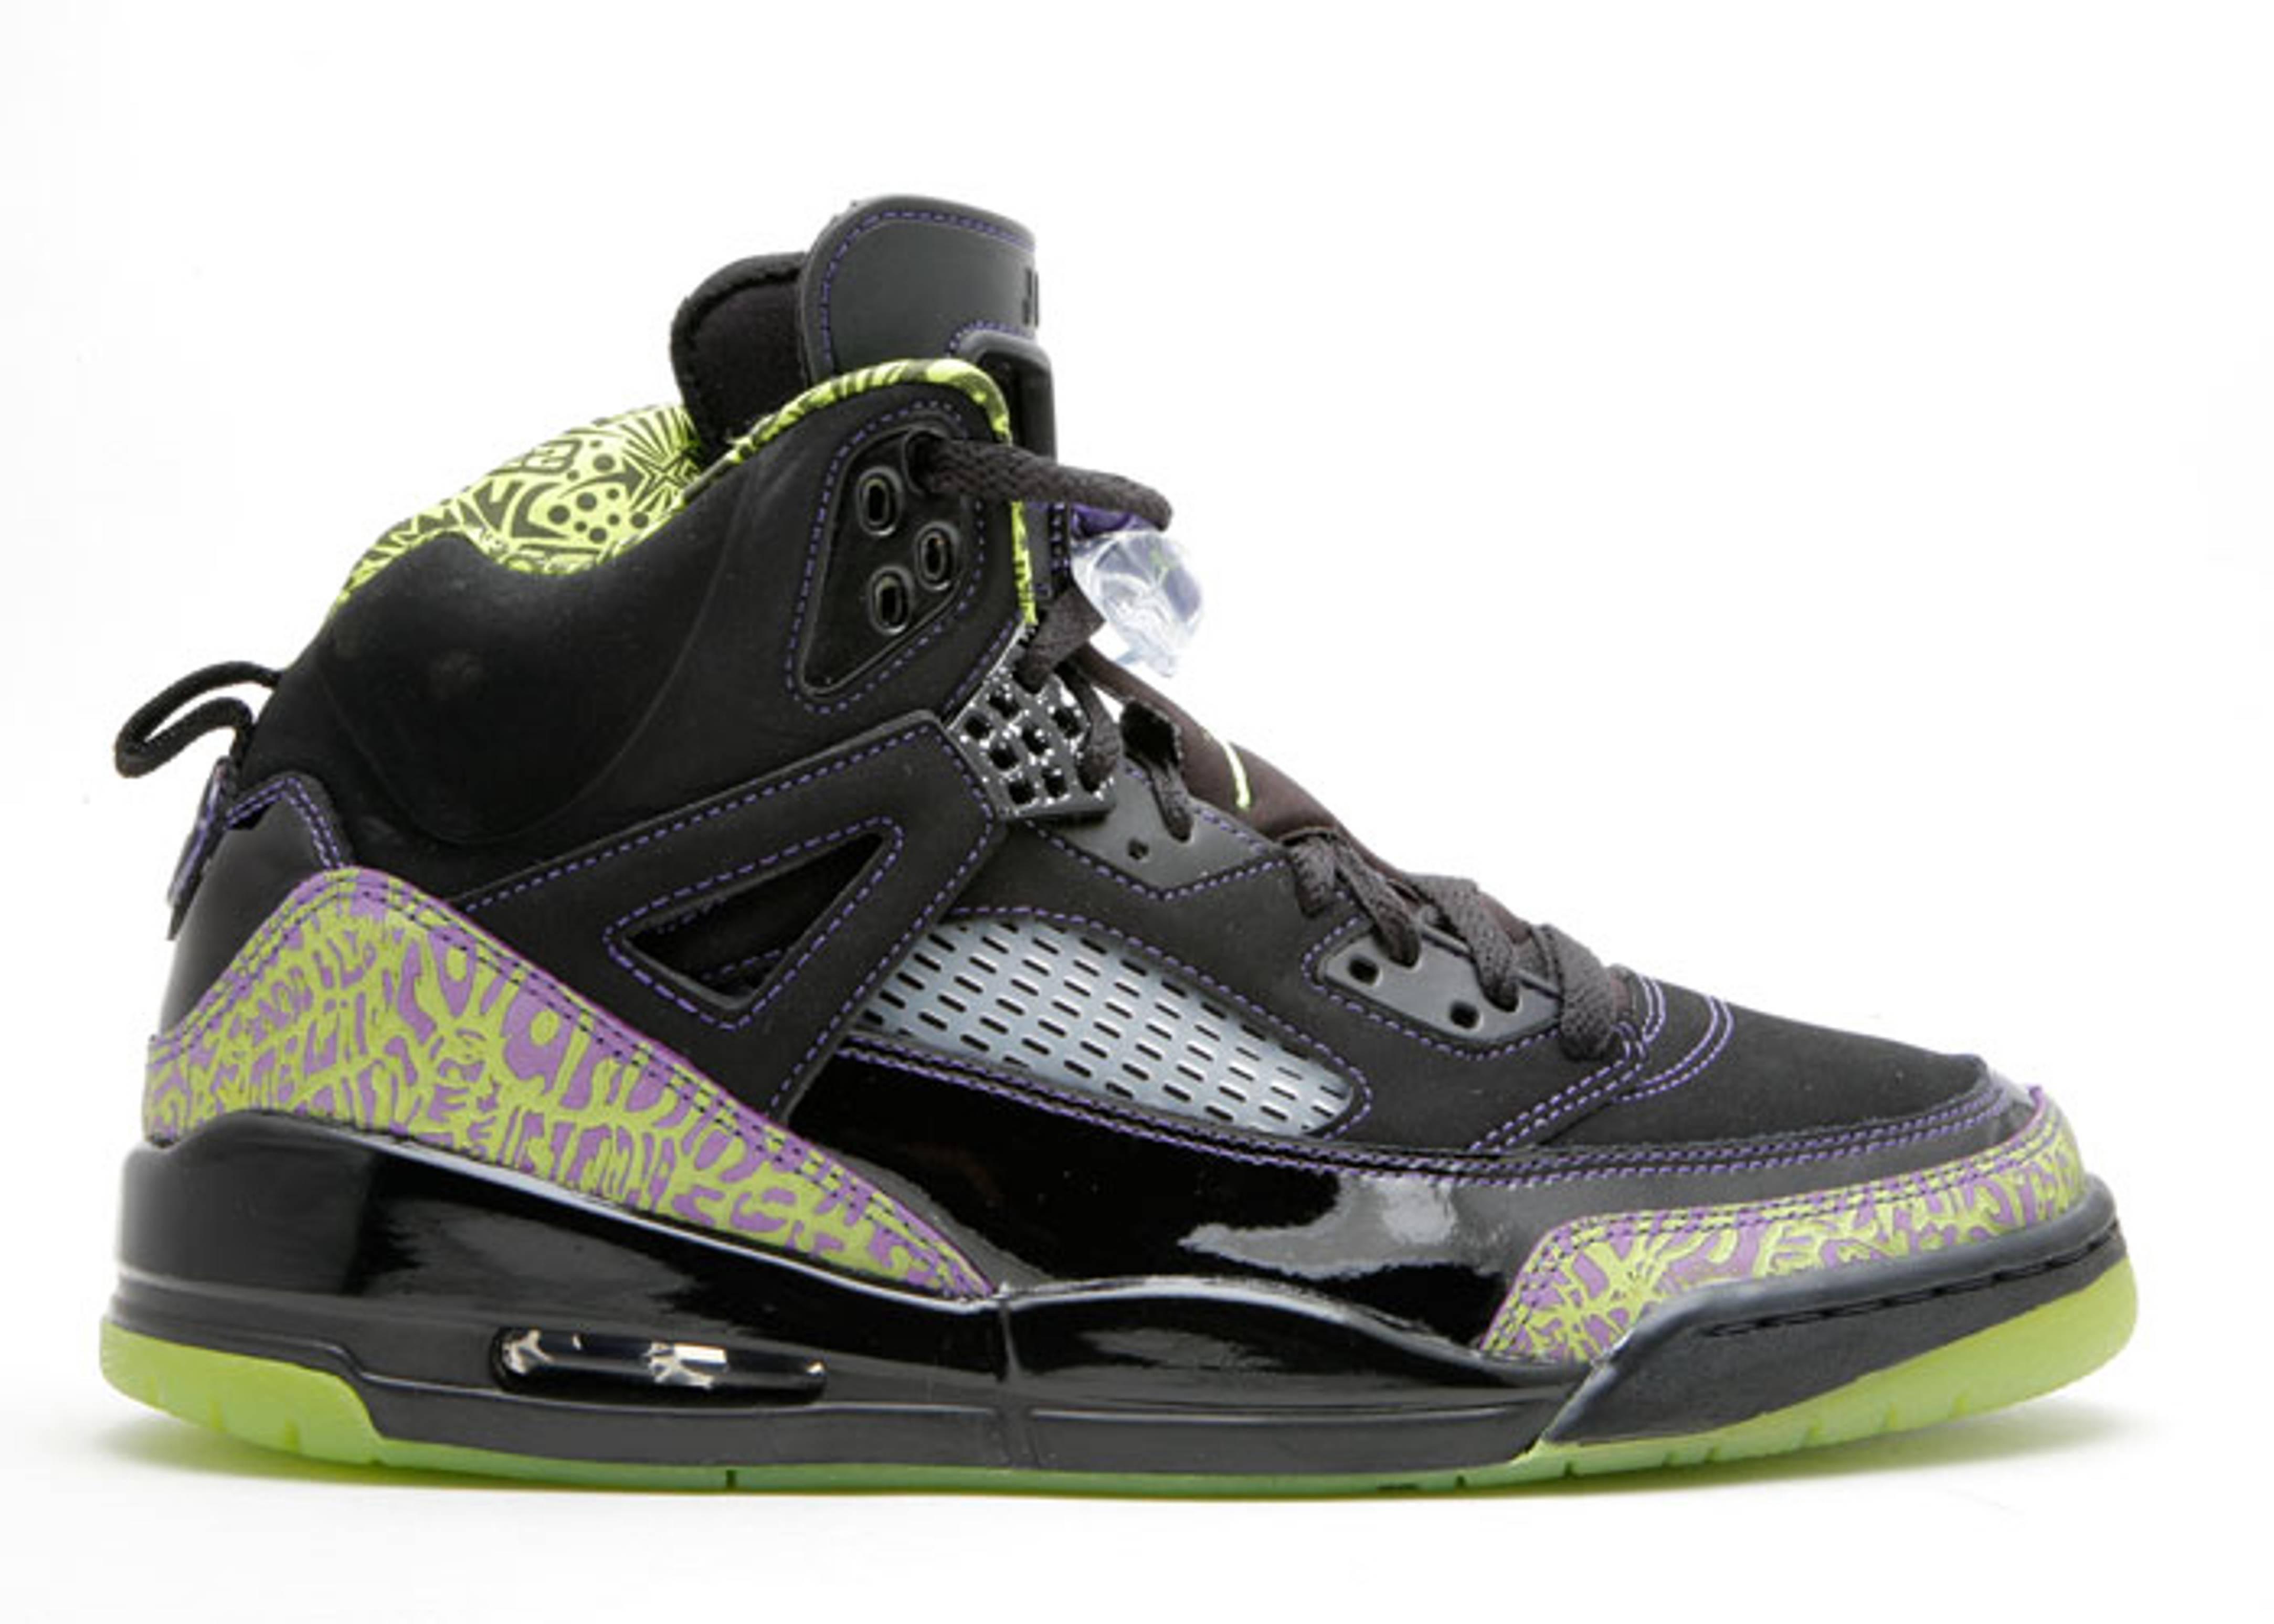 Air Jordan Sneakers All 2008 White Men